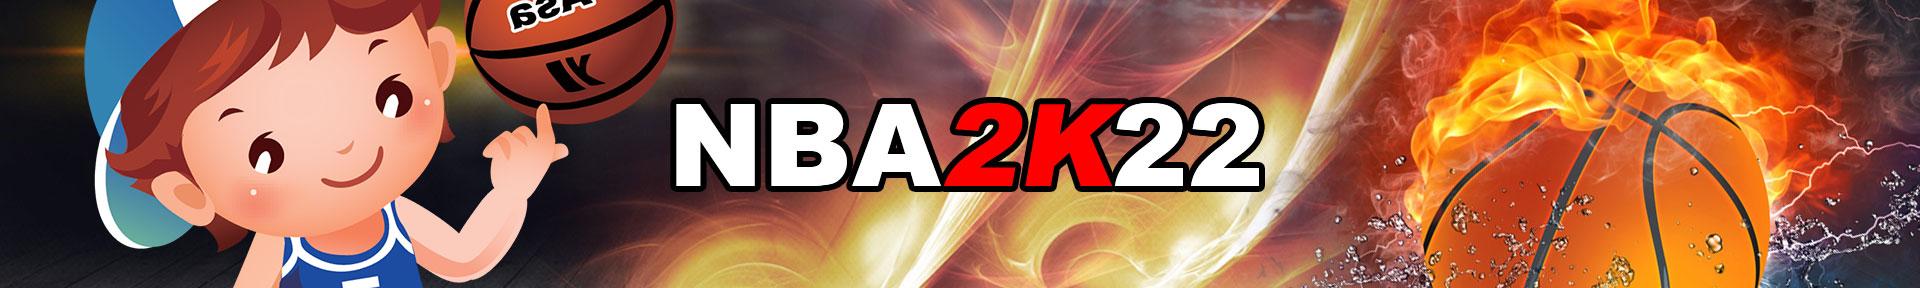 NBA 2K22 VC